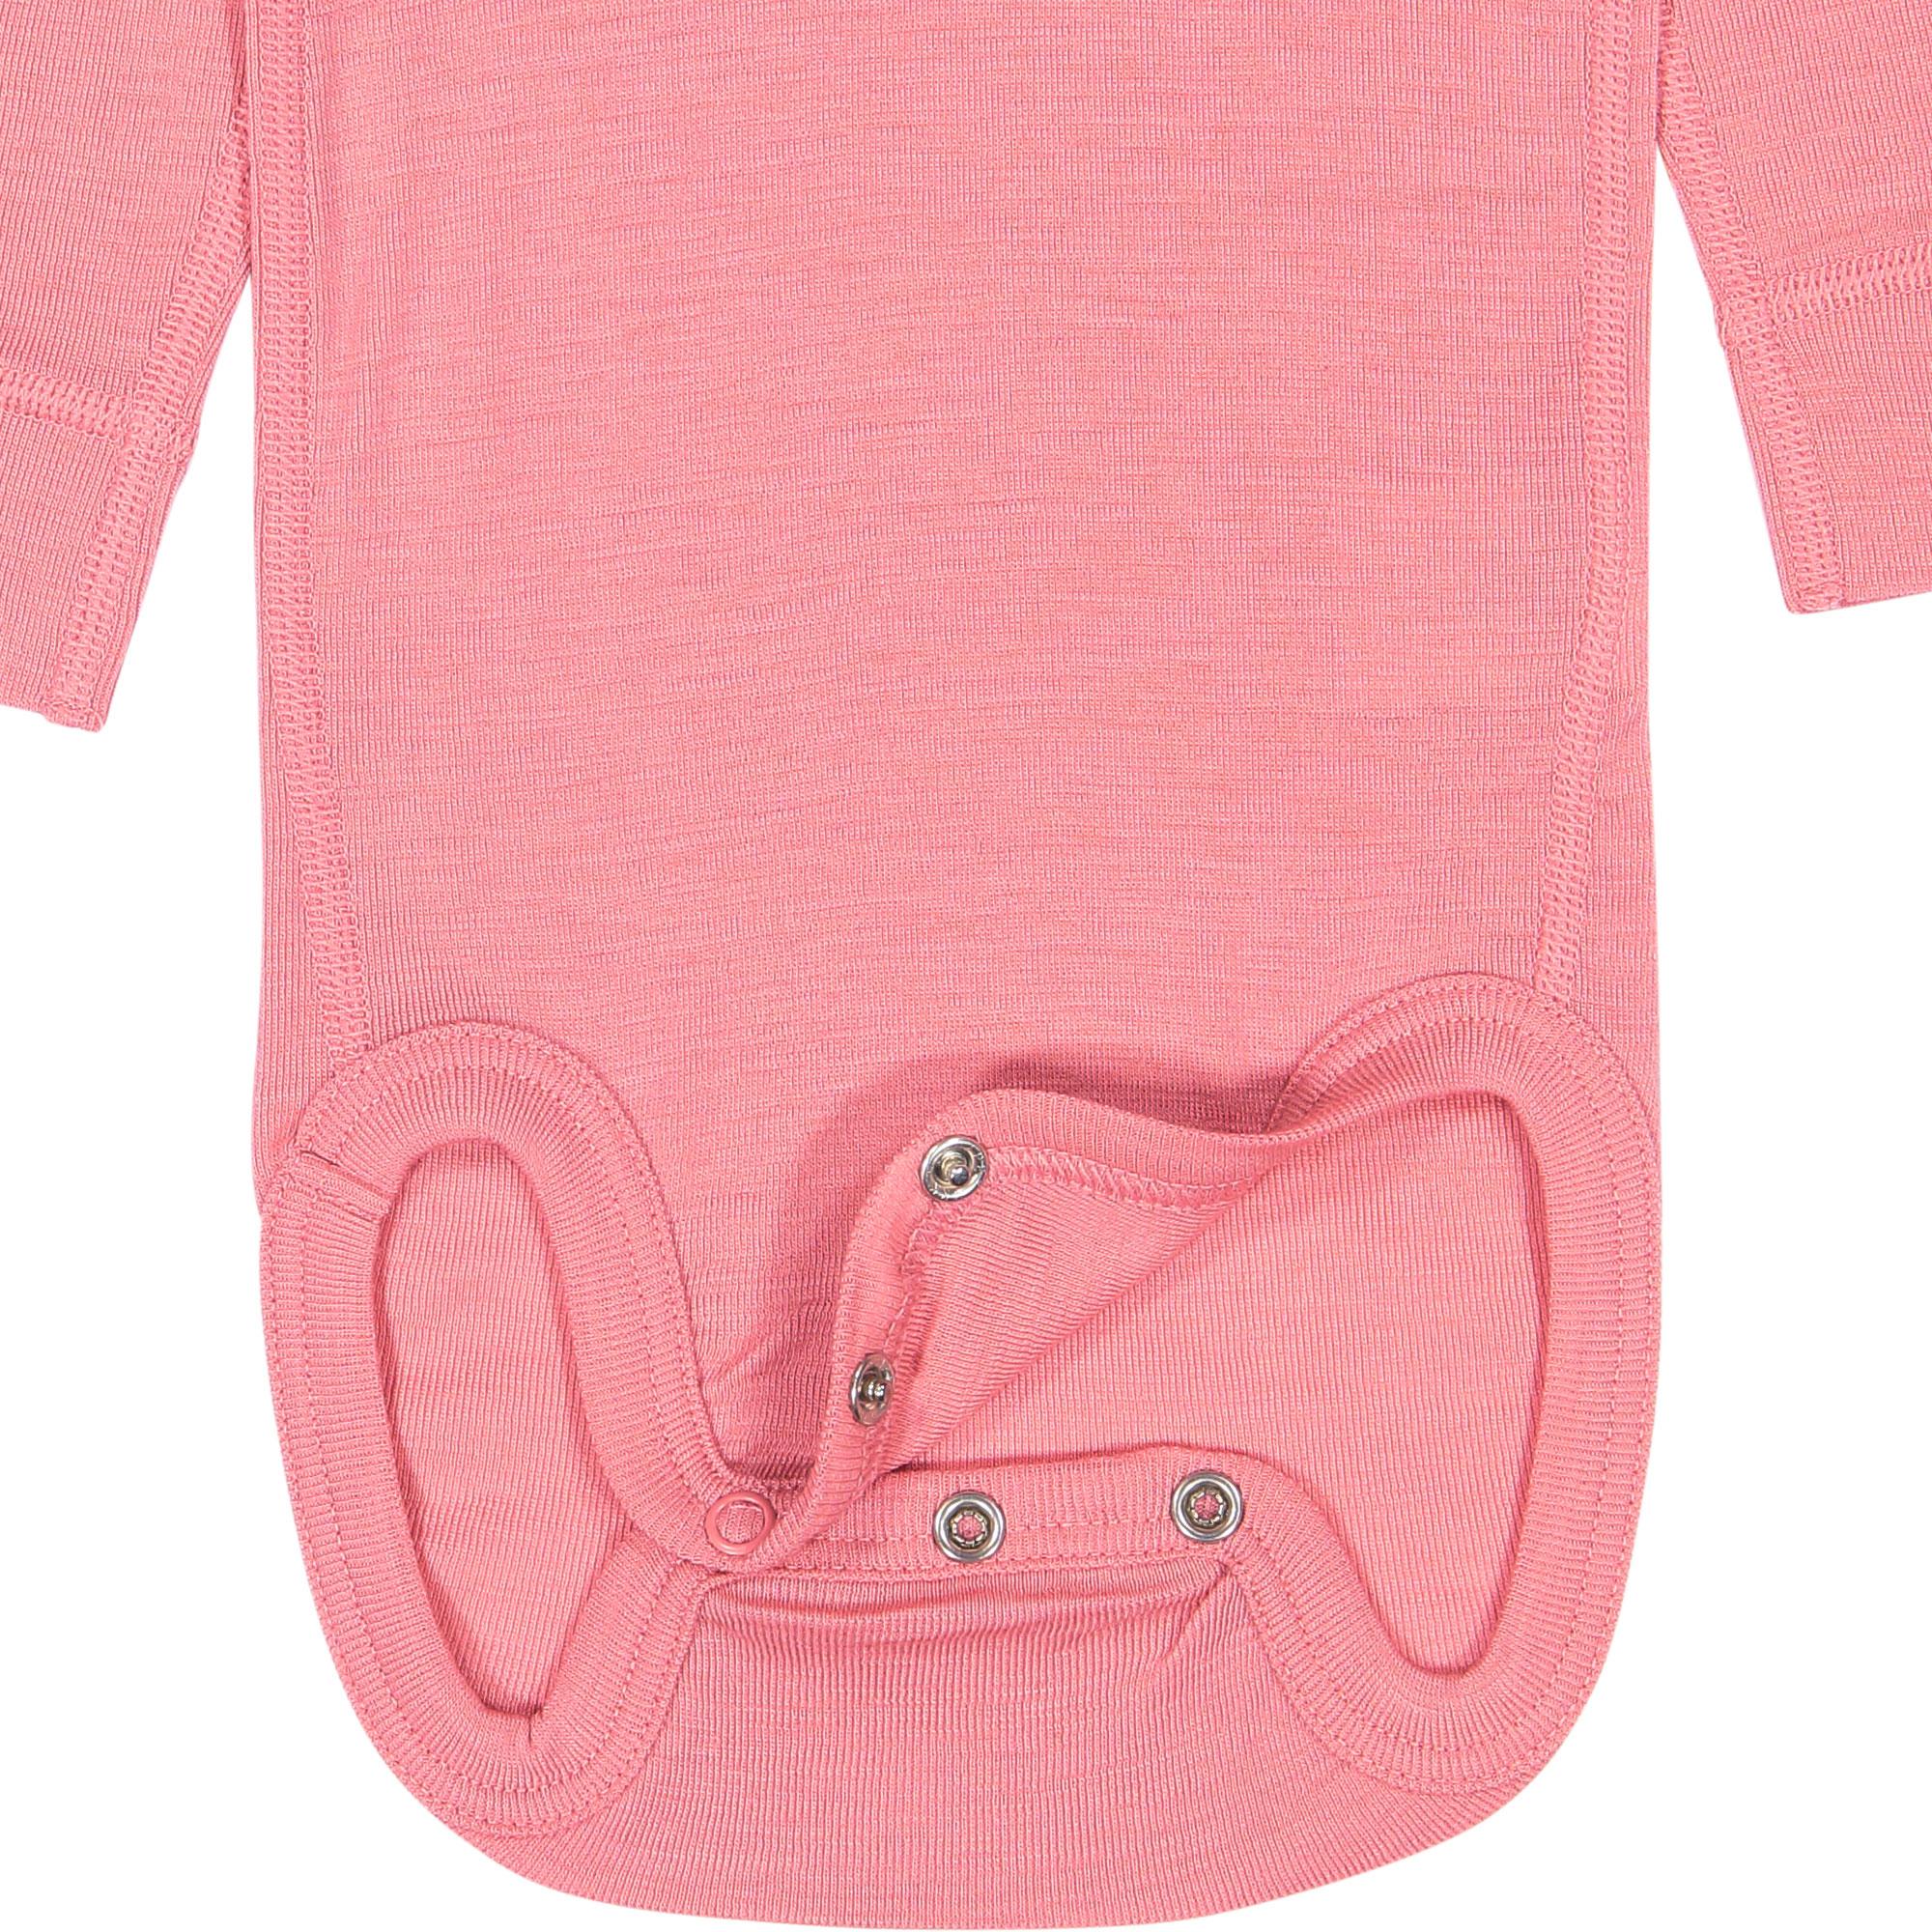 3db08050 Ullbody baby rosa | Polarnopyret.no